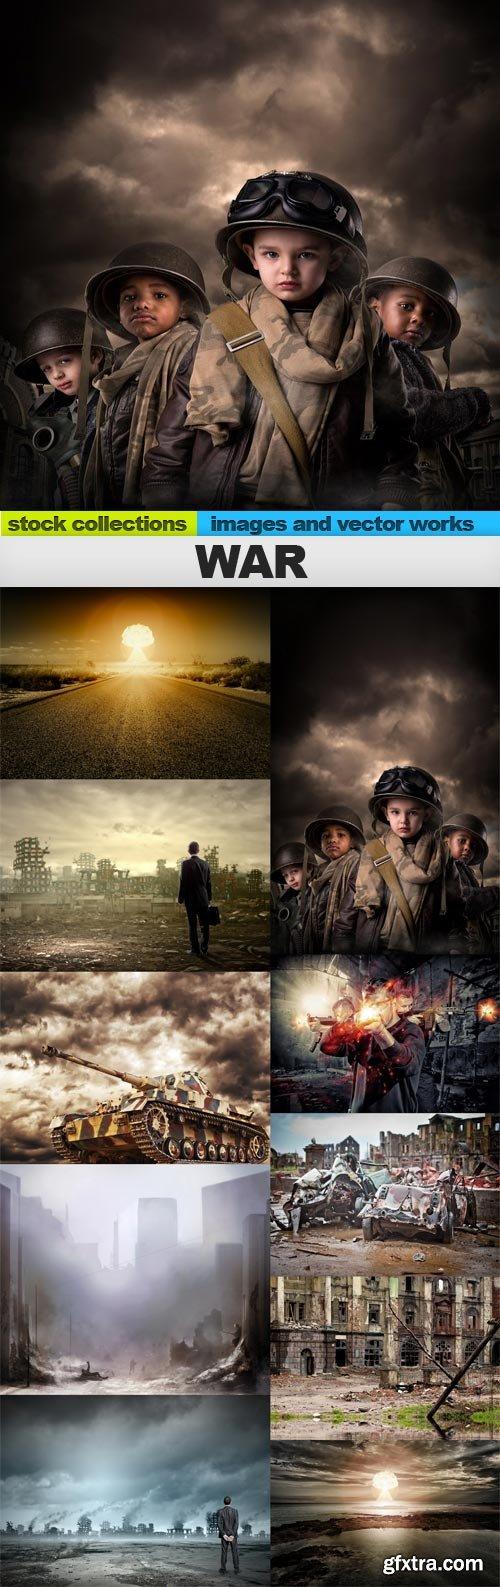 War, 10 x UHQ JPEG